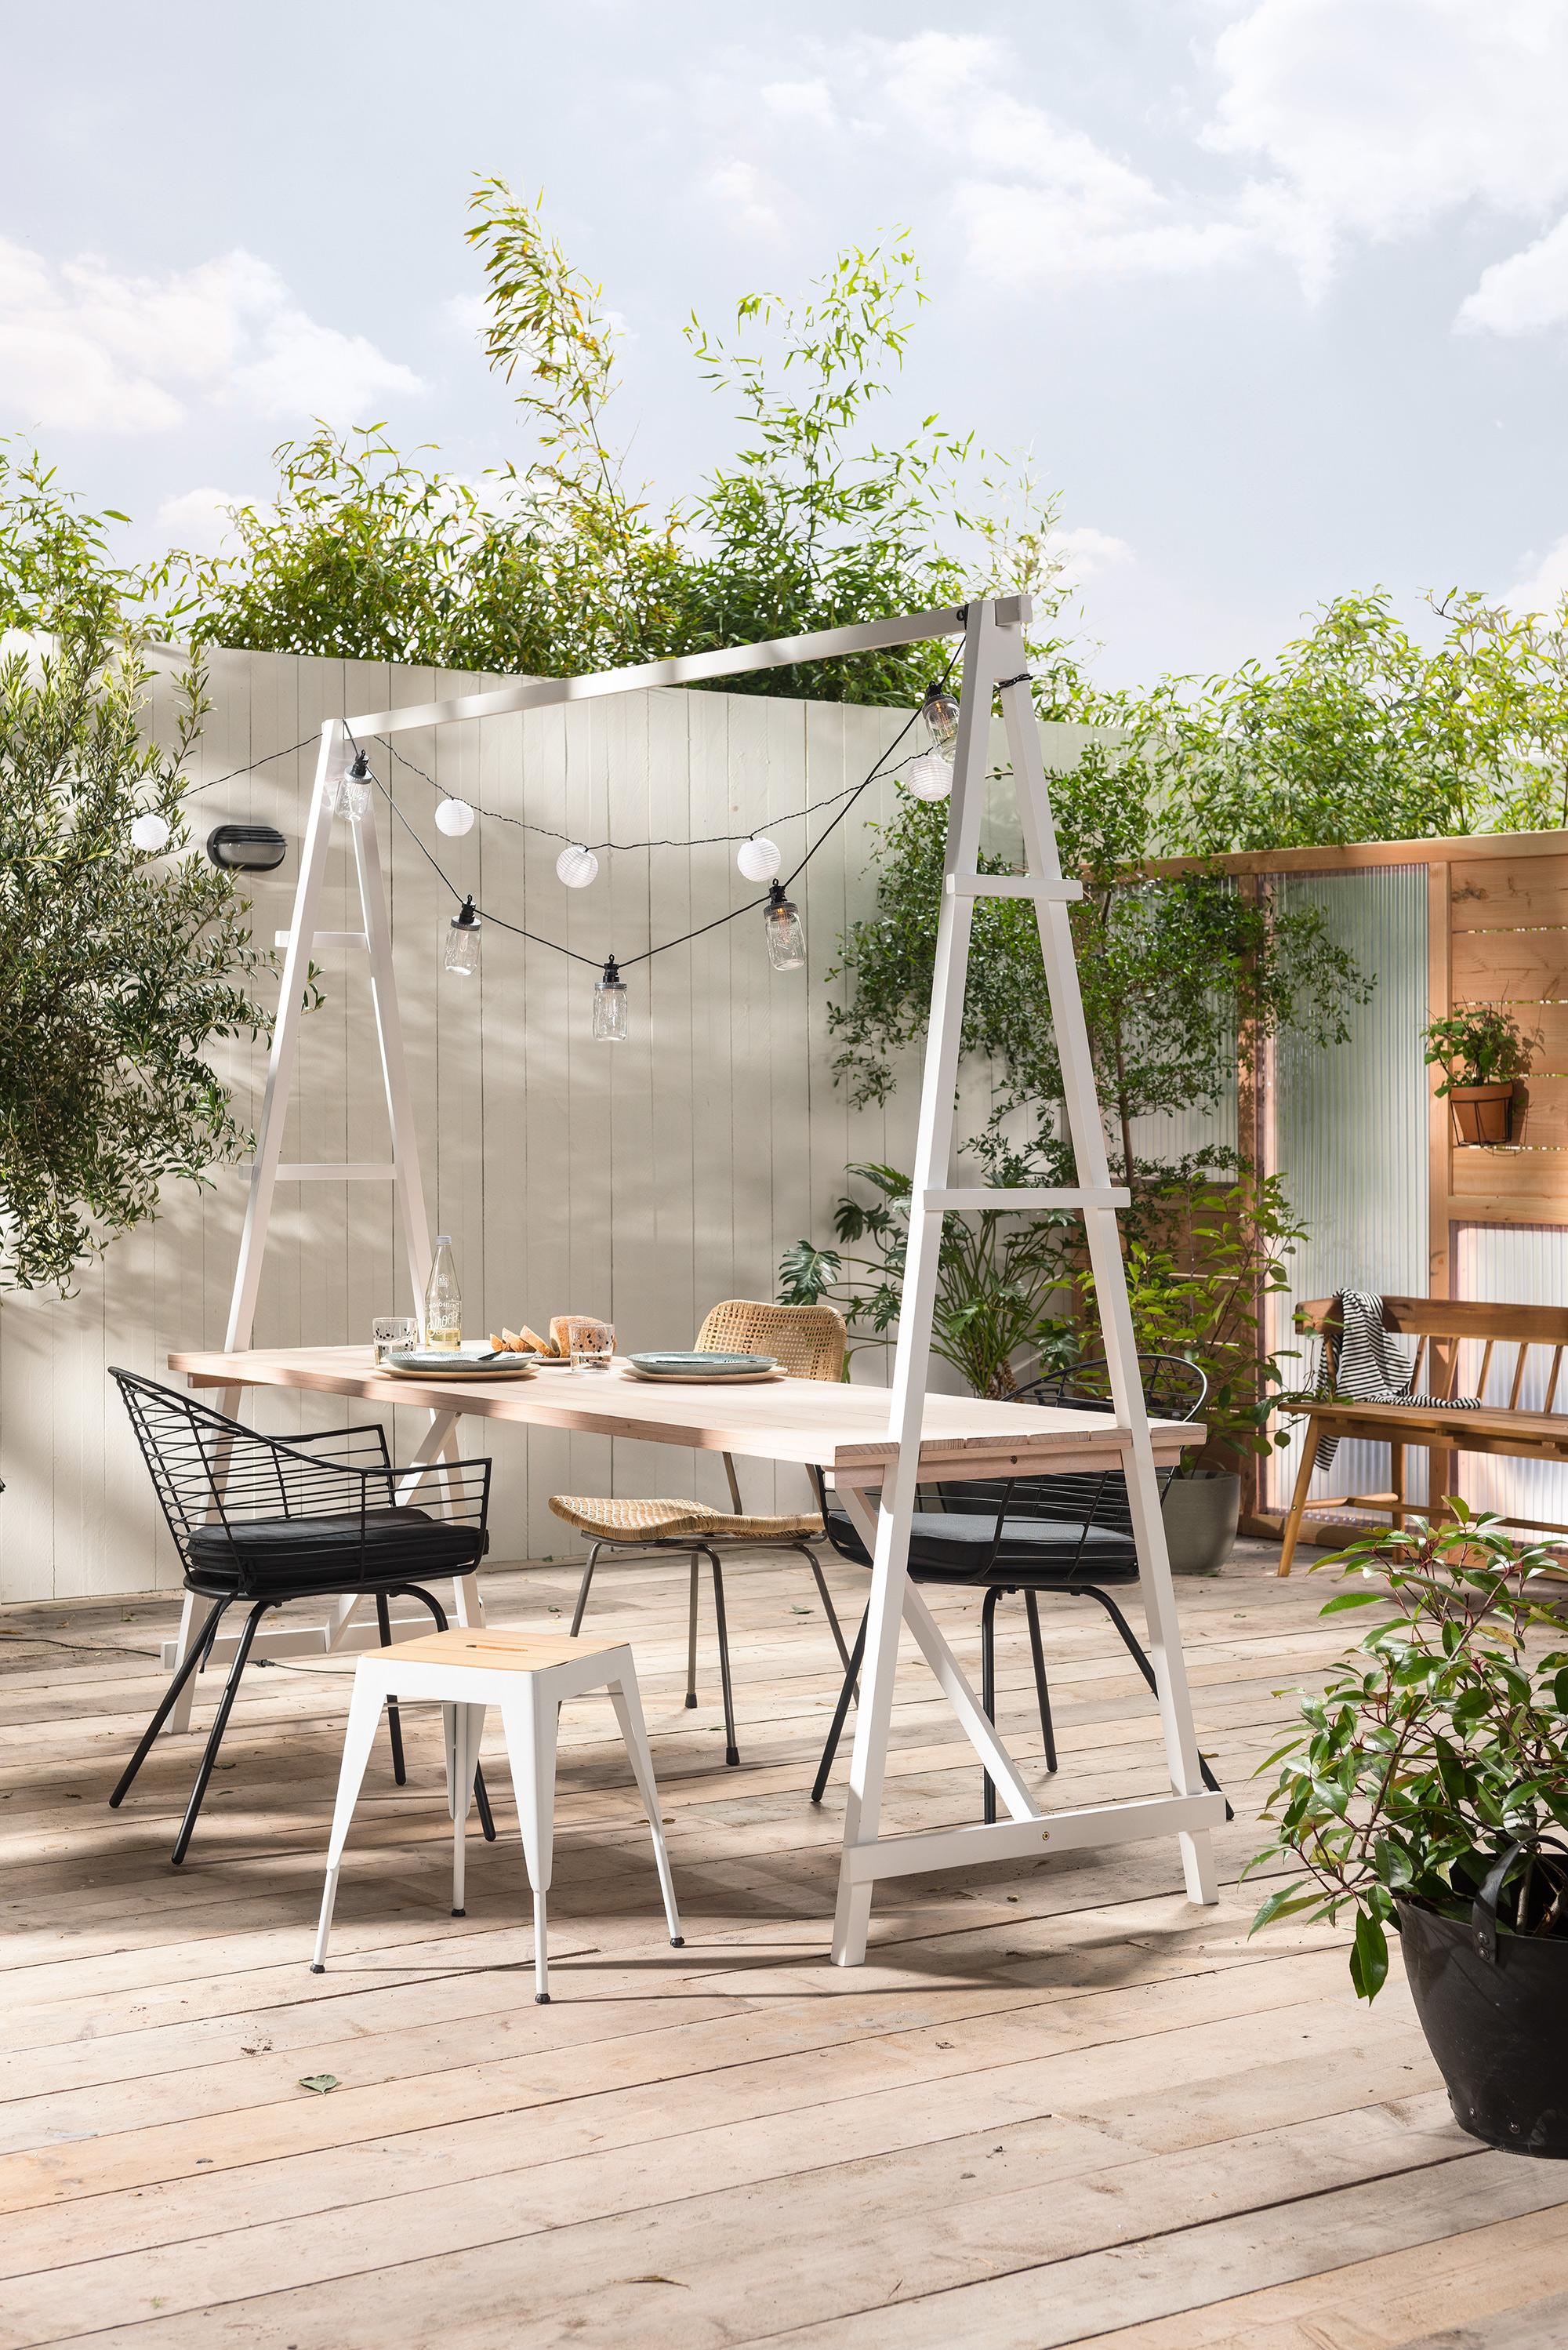 Eethoek in tuin met tafel en stoelen